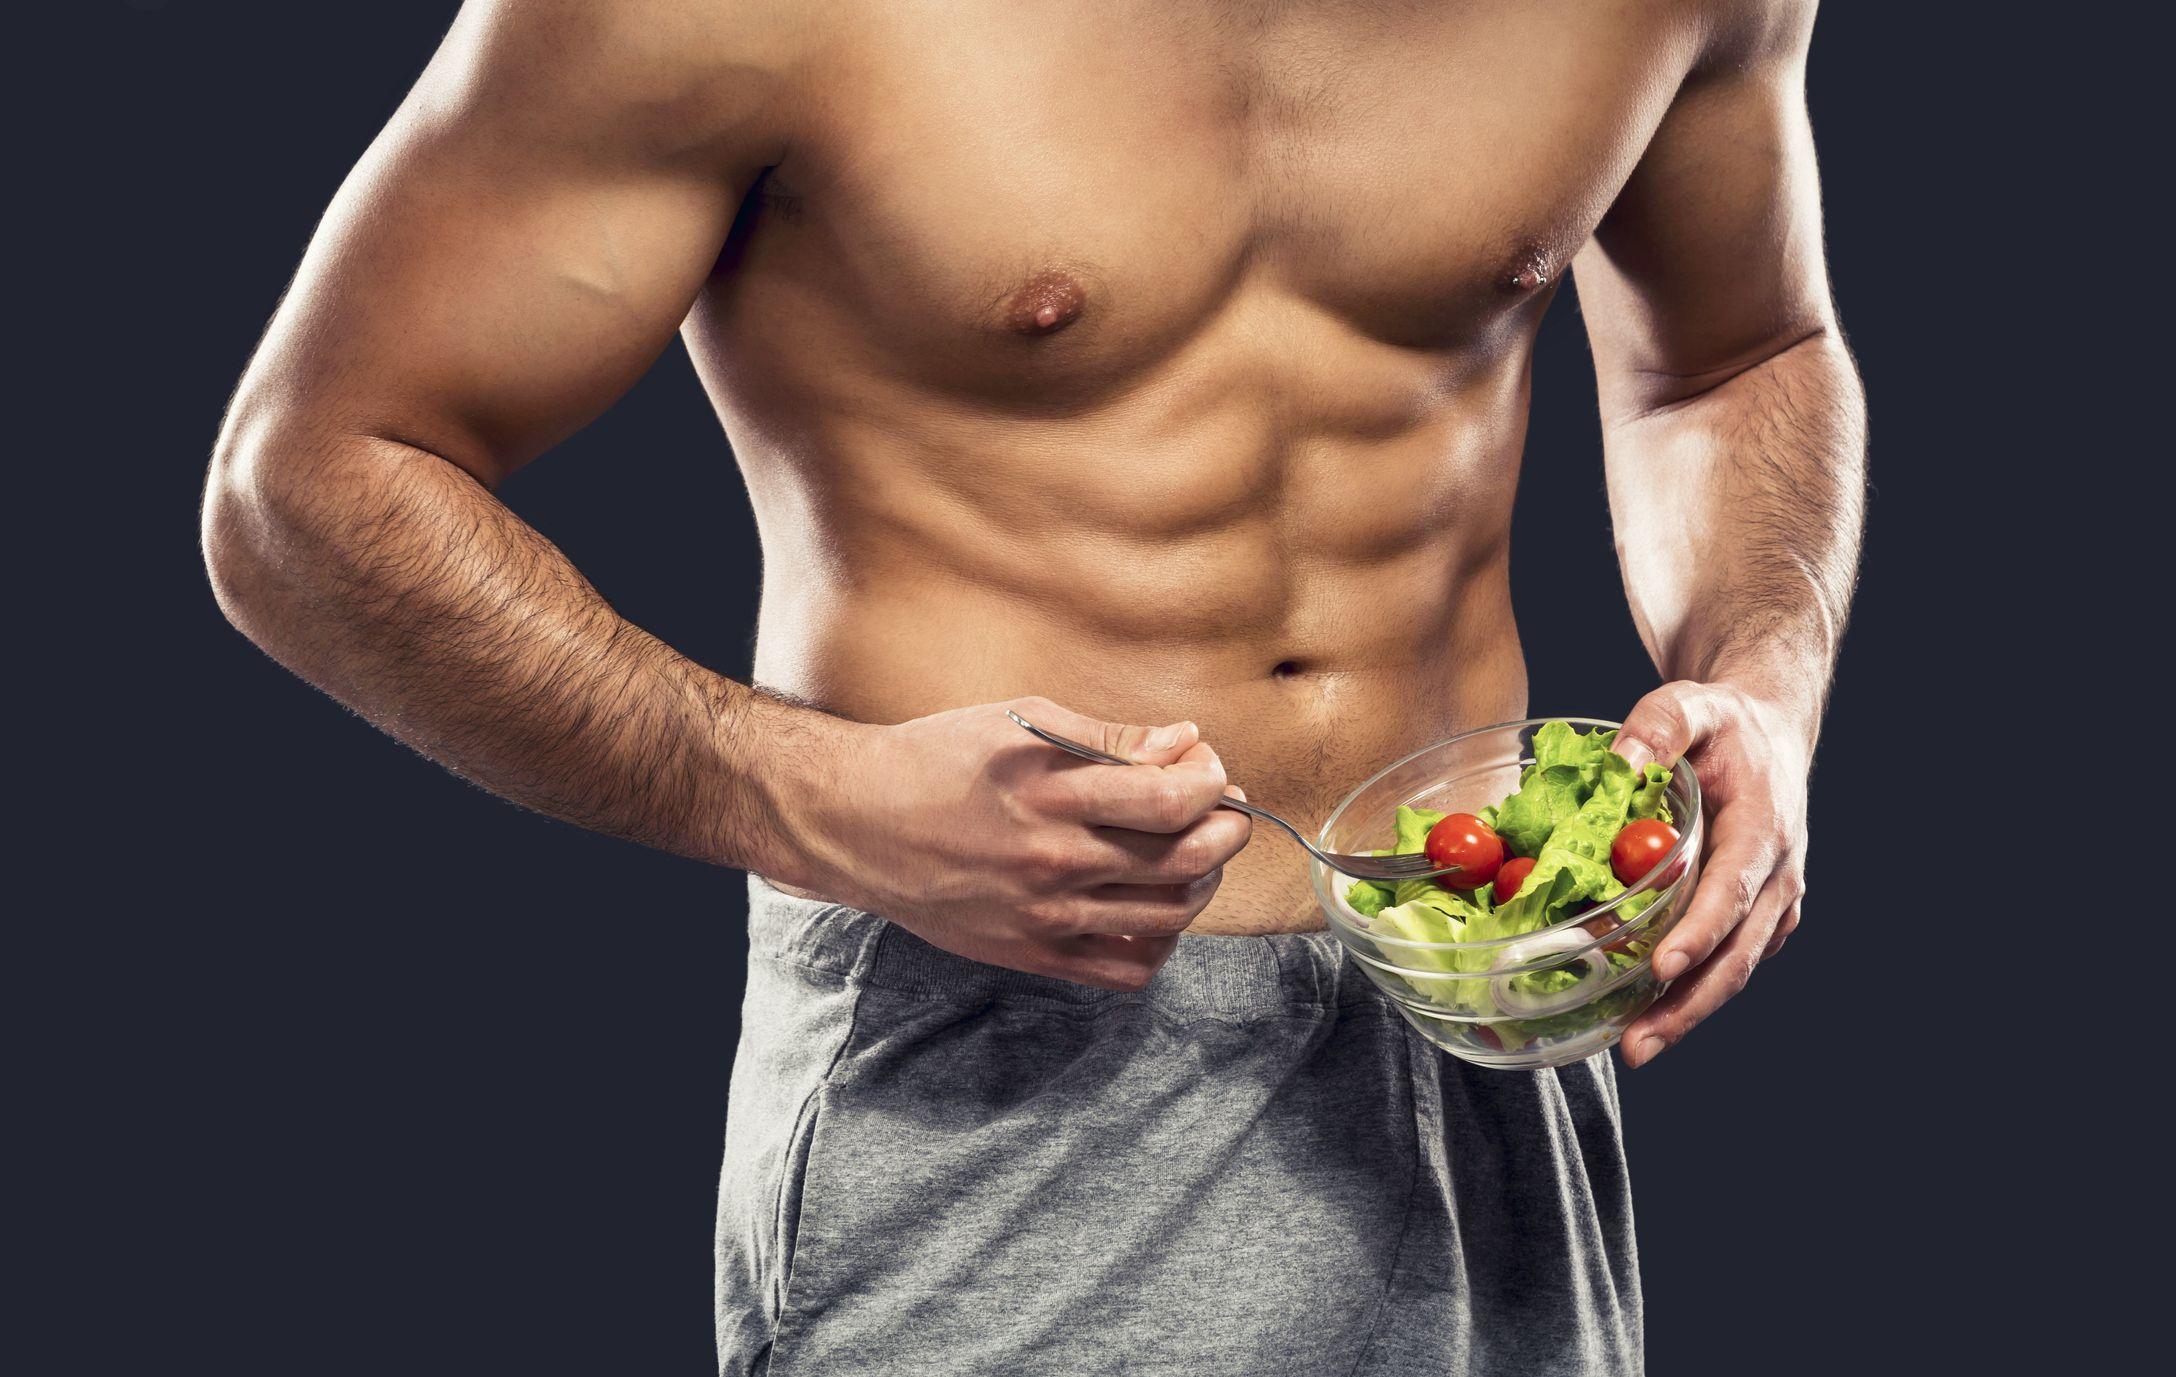 30 day shred diet plan uk